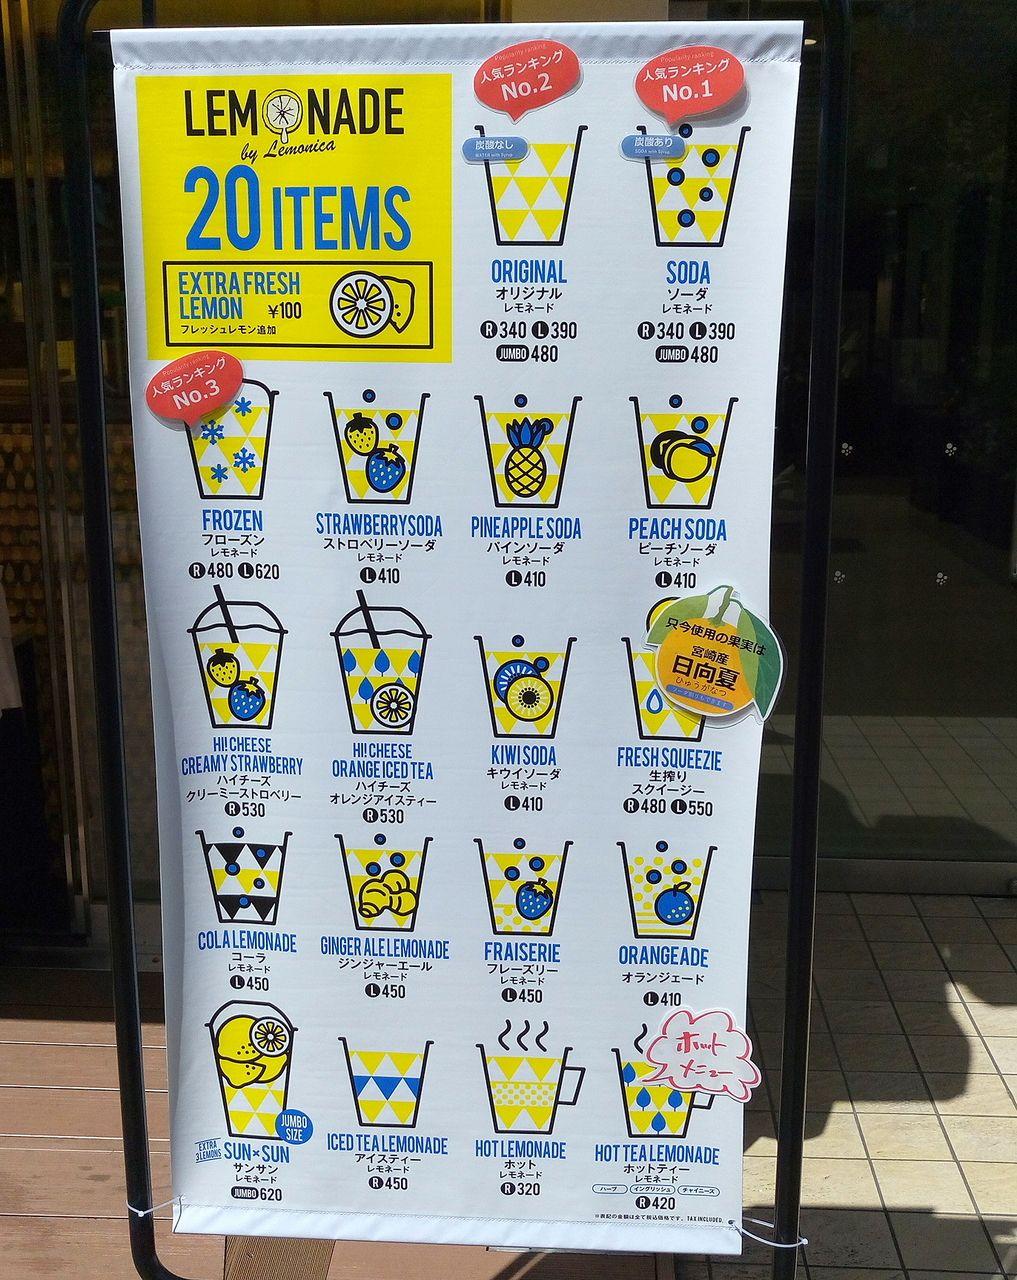 武蔵野市吉祥寺コピス1階のレモネードレモネード専門店